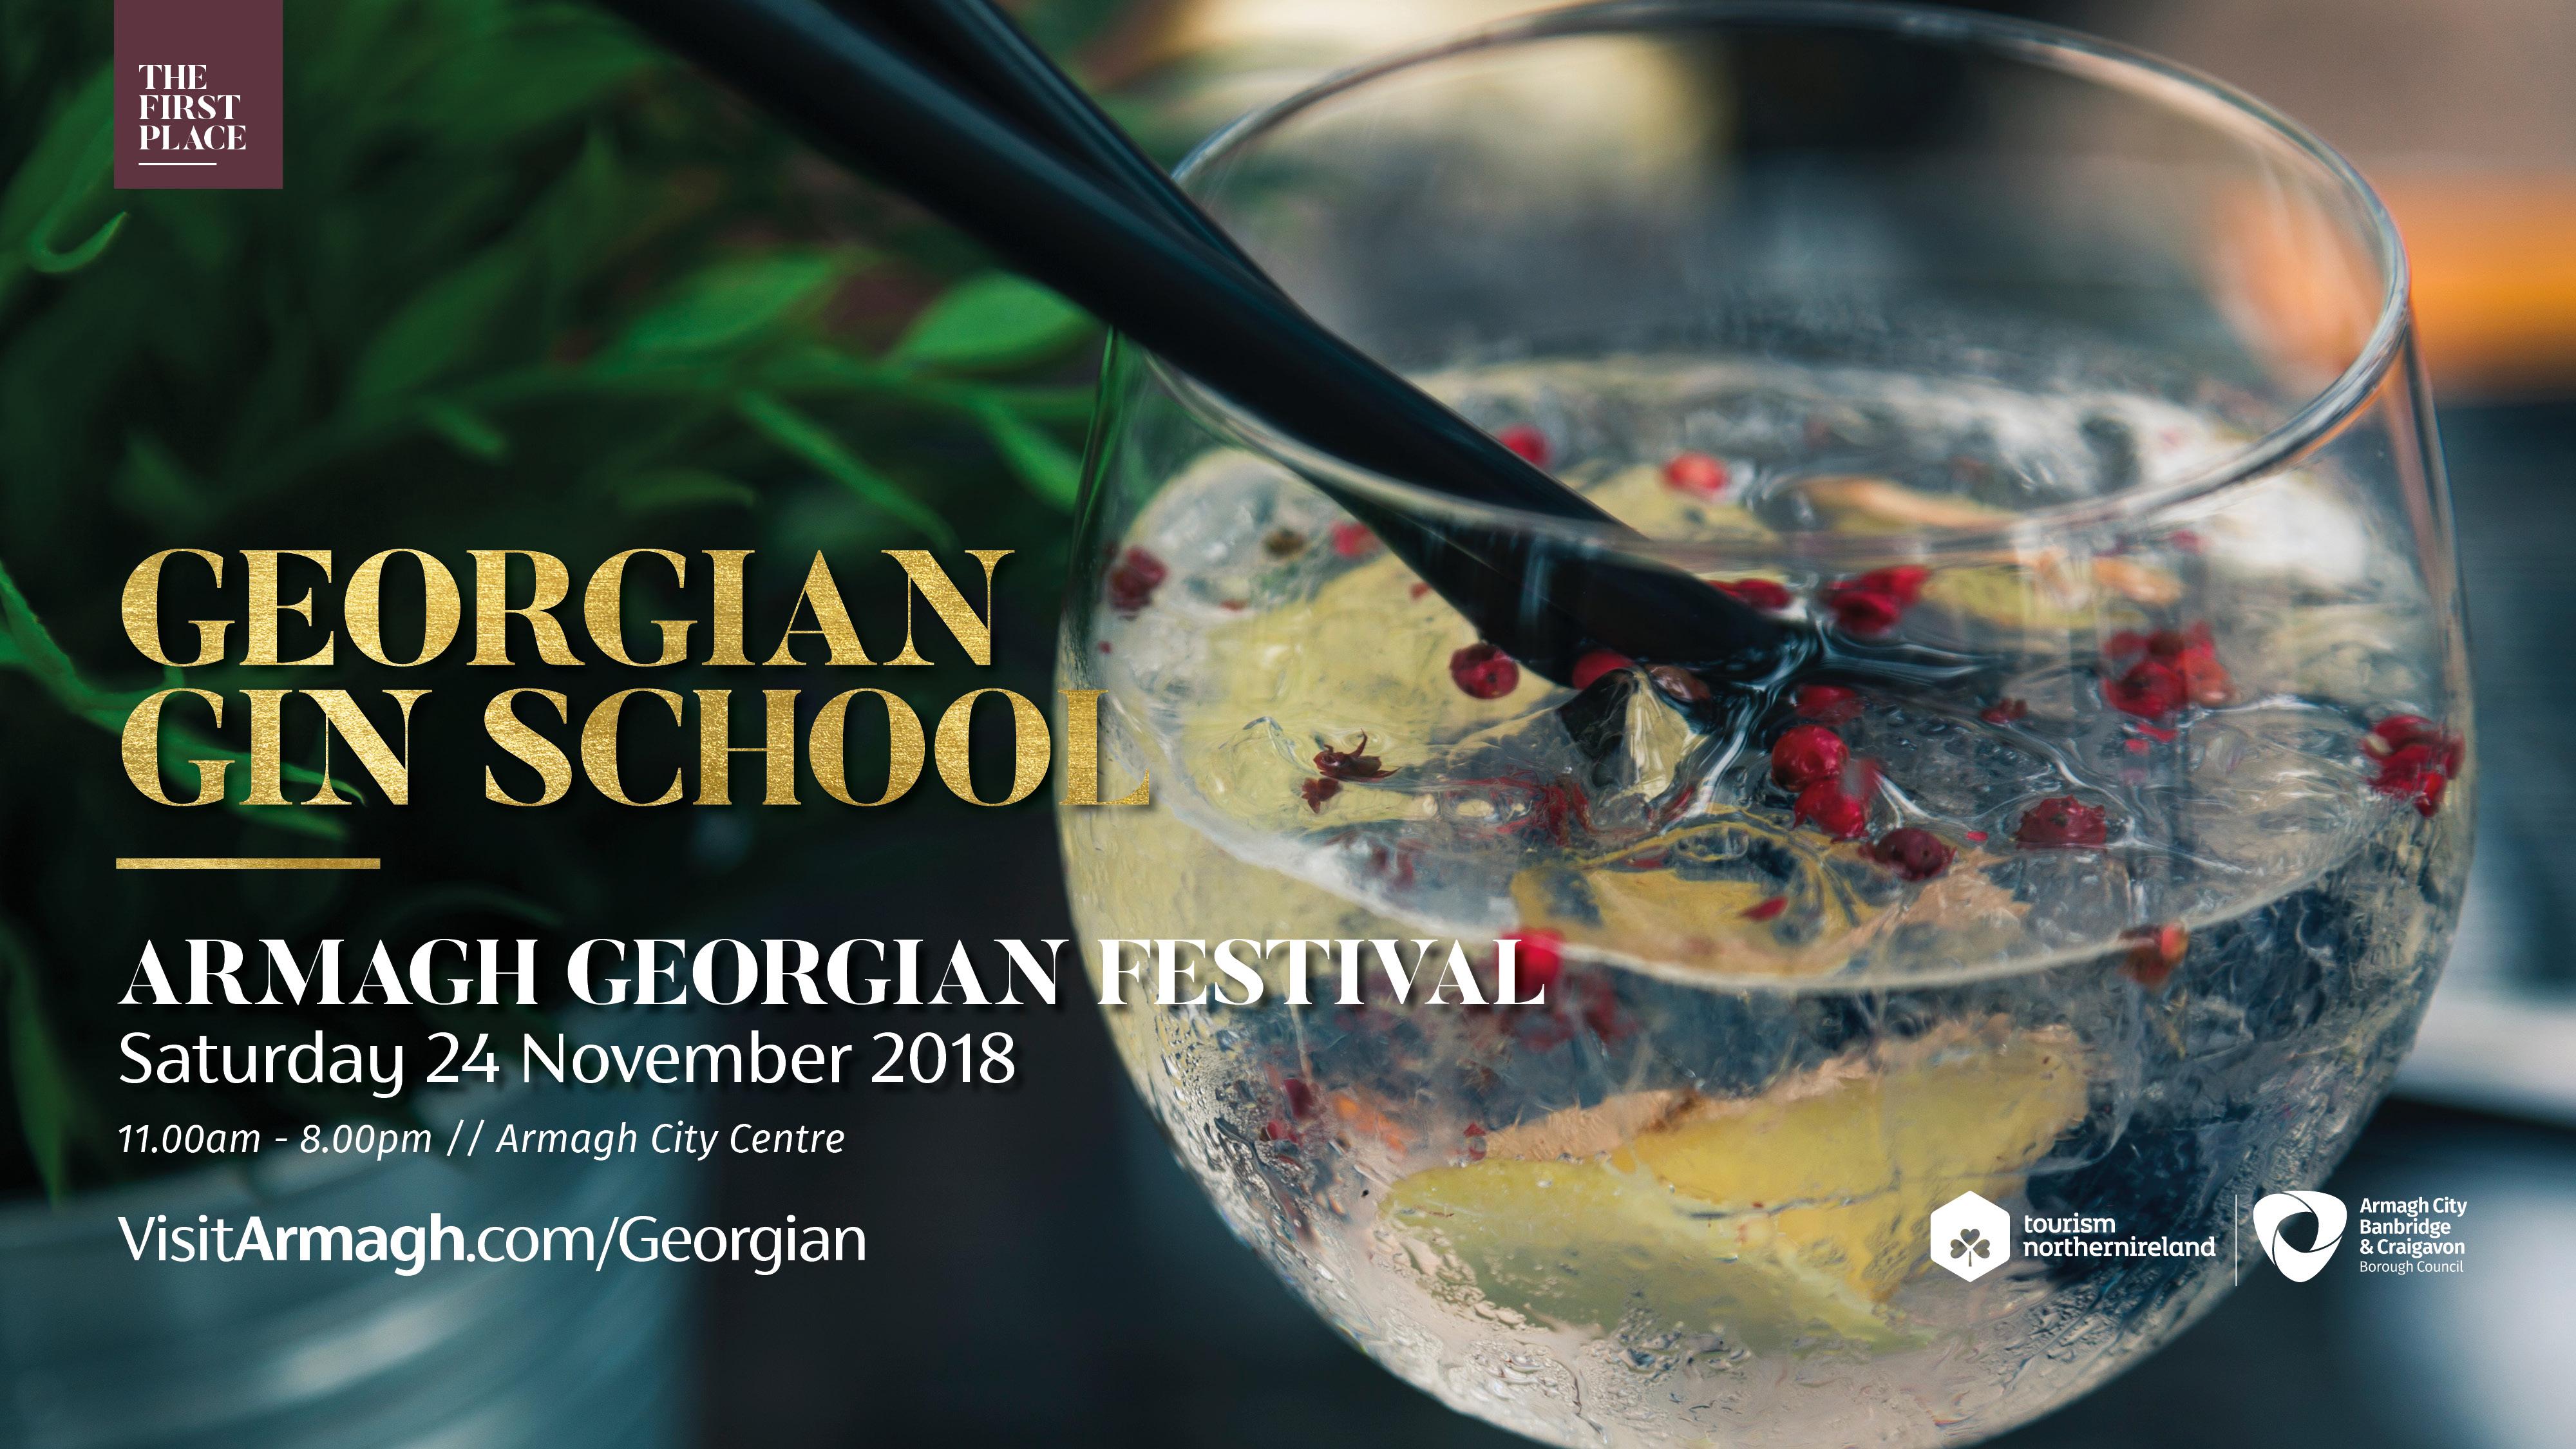 Georgian Gin School